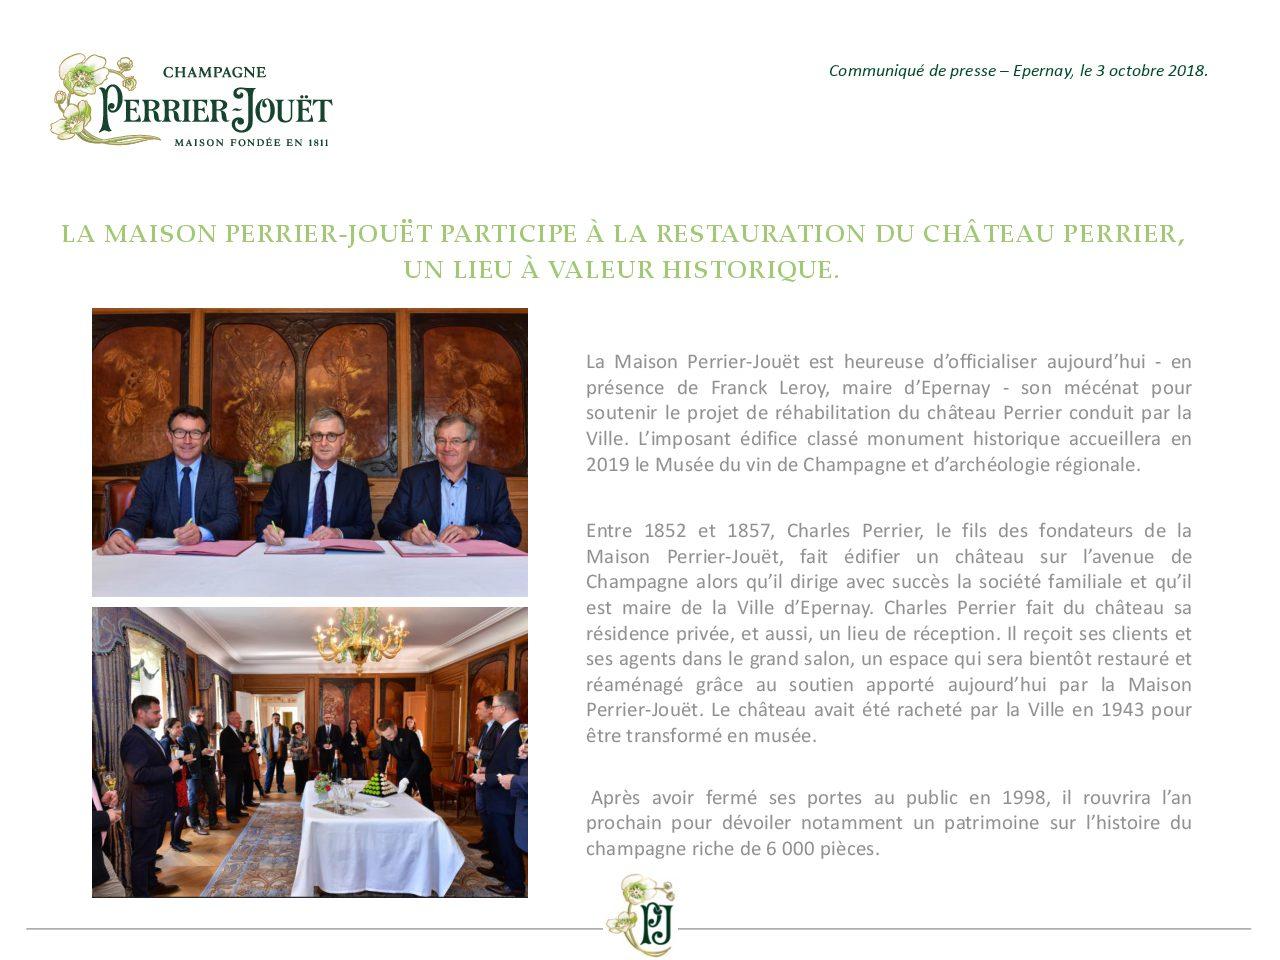 Communiqué de Presse - La Maison Perrier-Jouet participe à la restauration du chateau Perrier un lieu à valeur historique